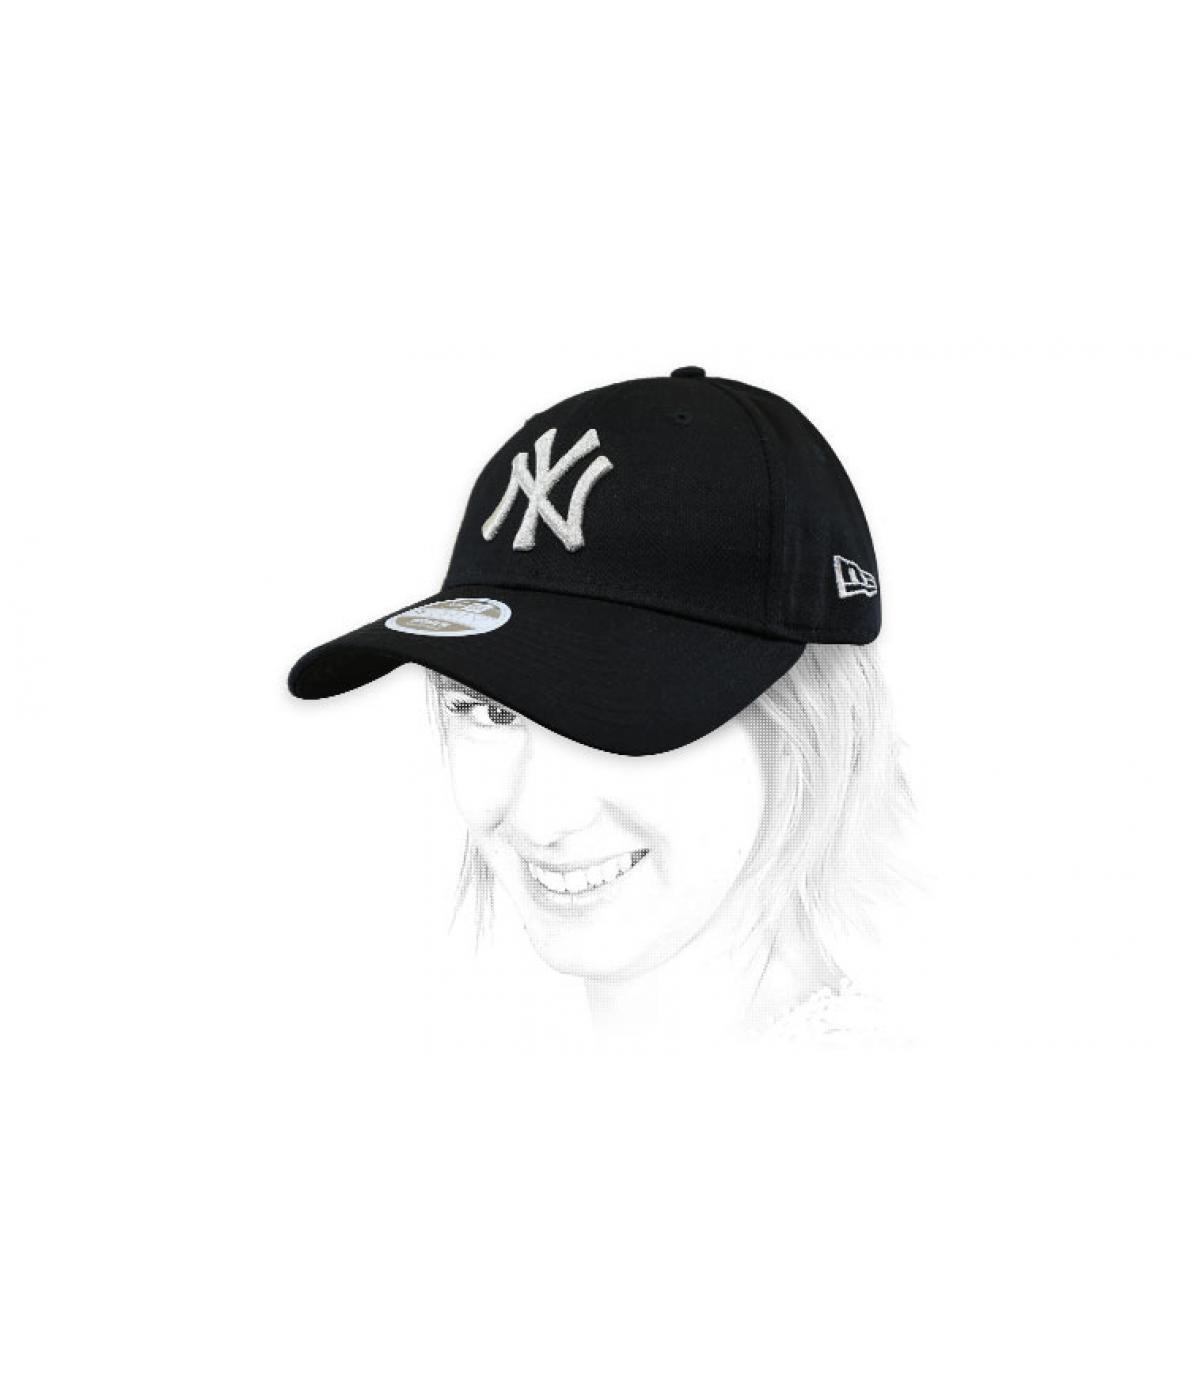 gorra mujer NY negro plata